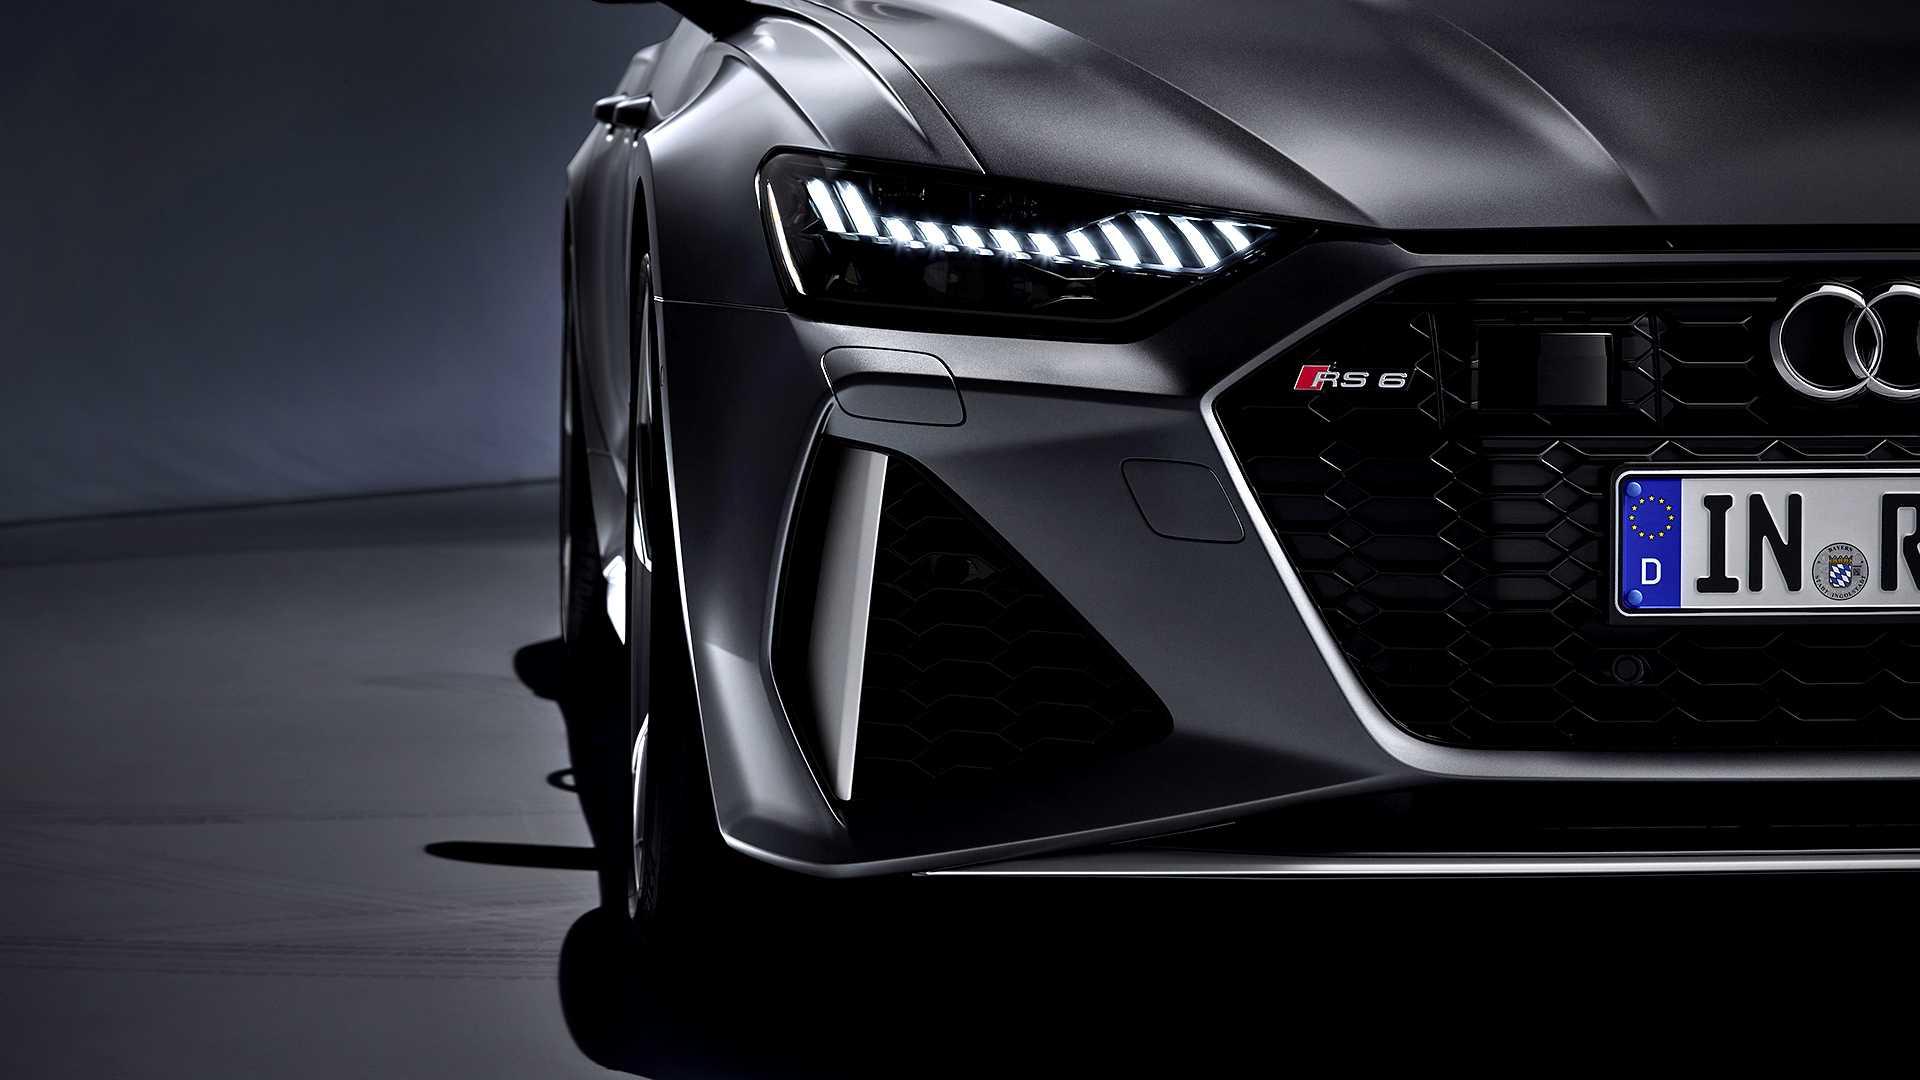 Audi RS6 Avant lần đầu ra mắt tại Mỹ kỷ niệm 25 năm dòng xe RS của Audi - 20